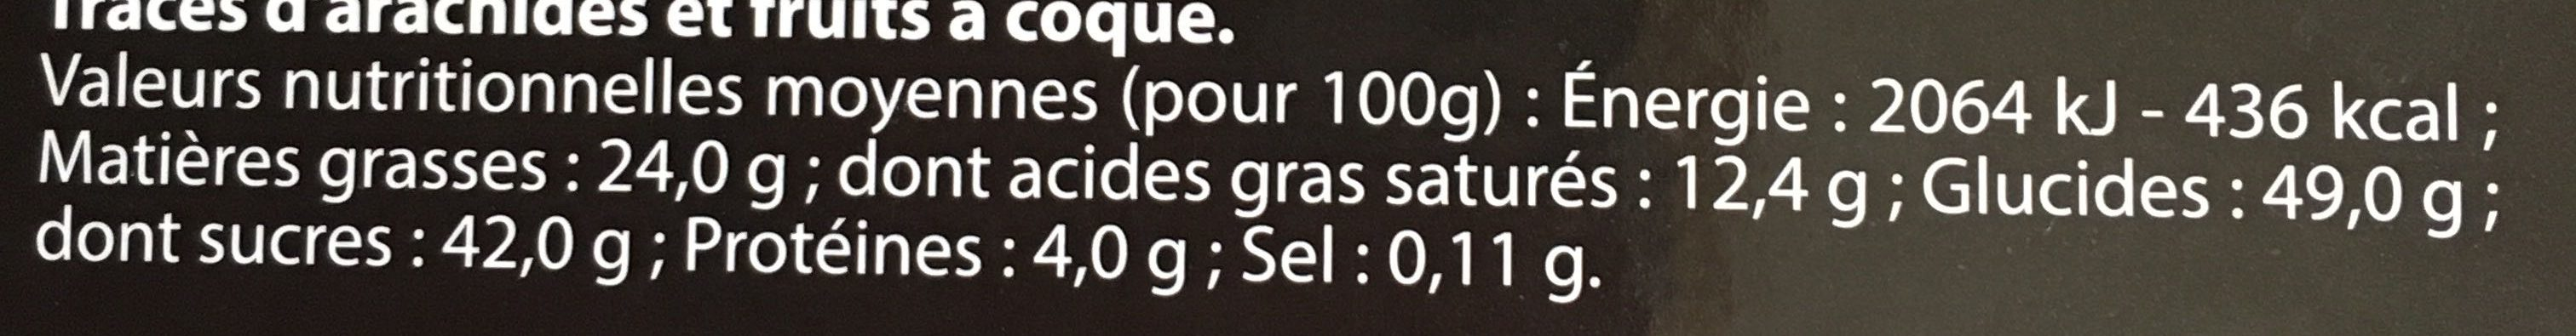 Assortiment de bouchées de chocolat - Voedingswaarden - fr